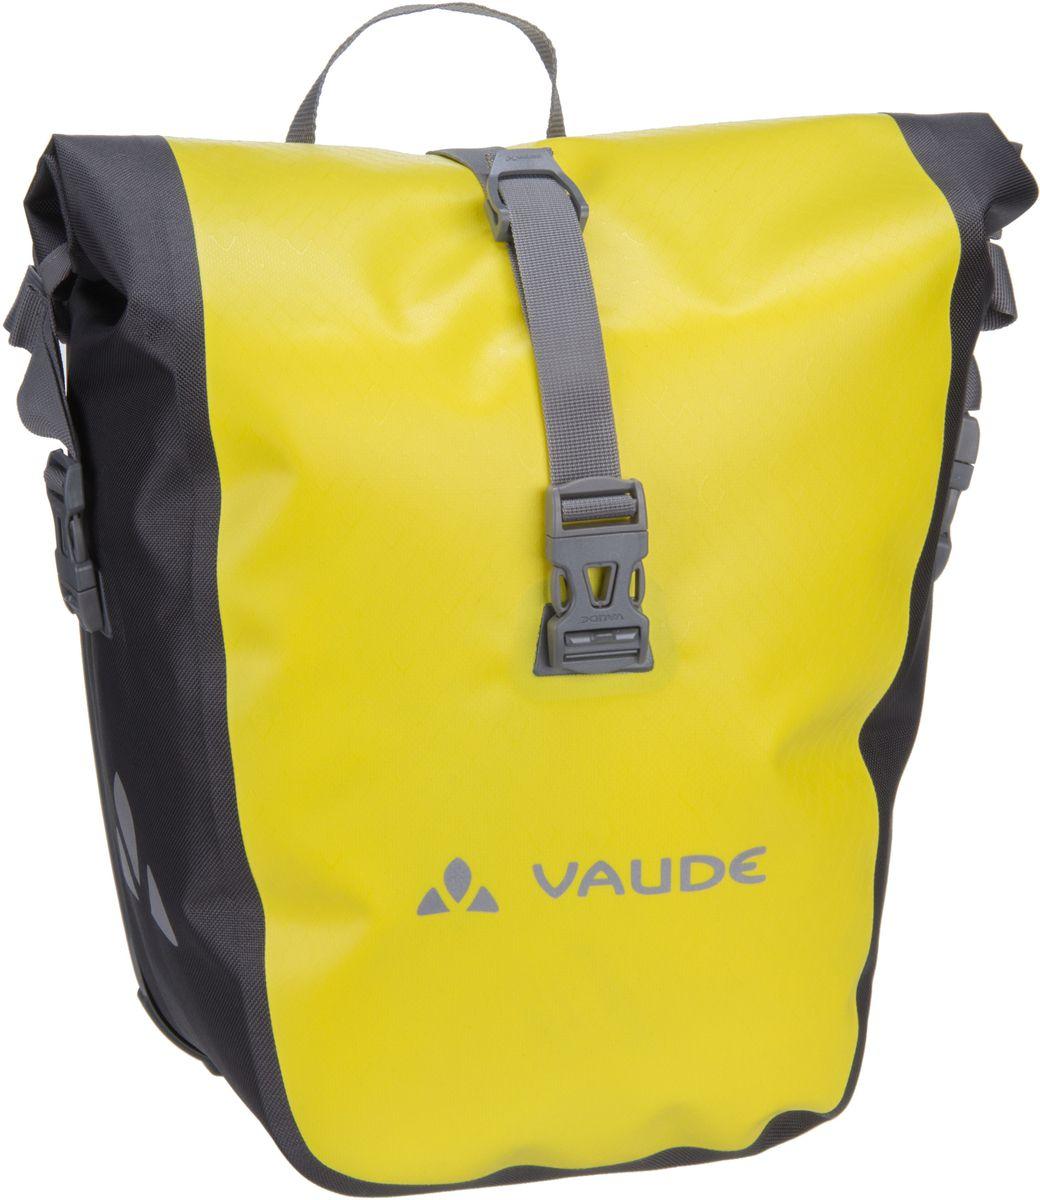 Vaude Aqua Front Canary - Fahrradtasche